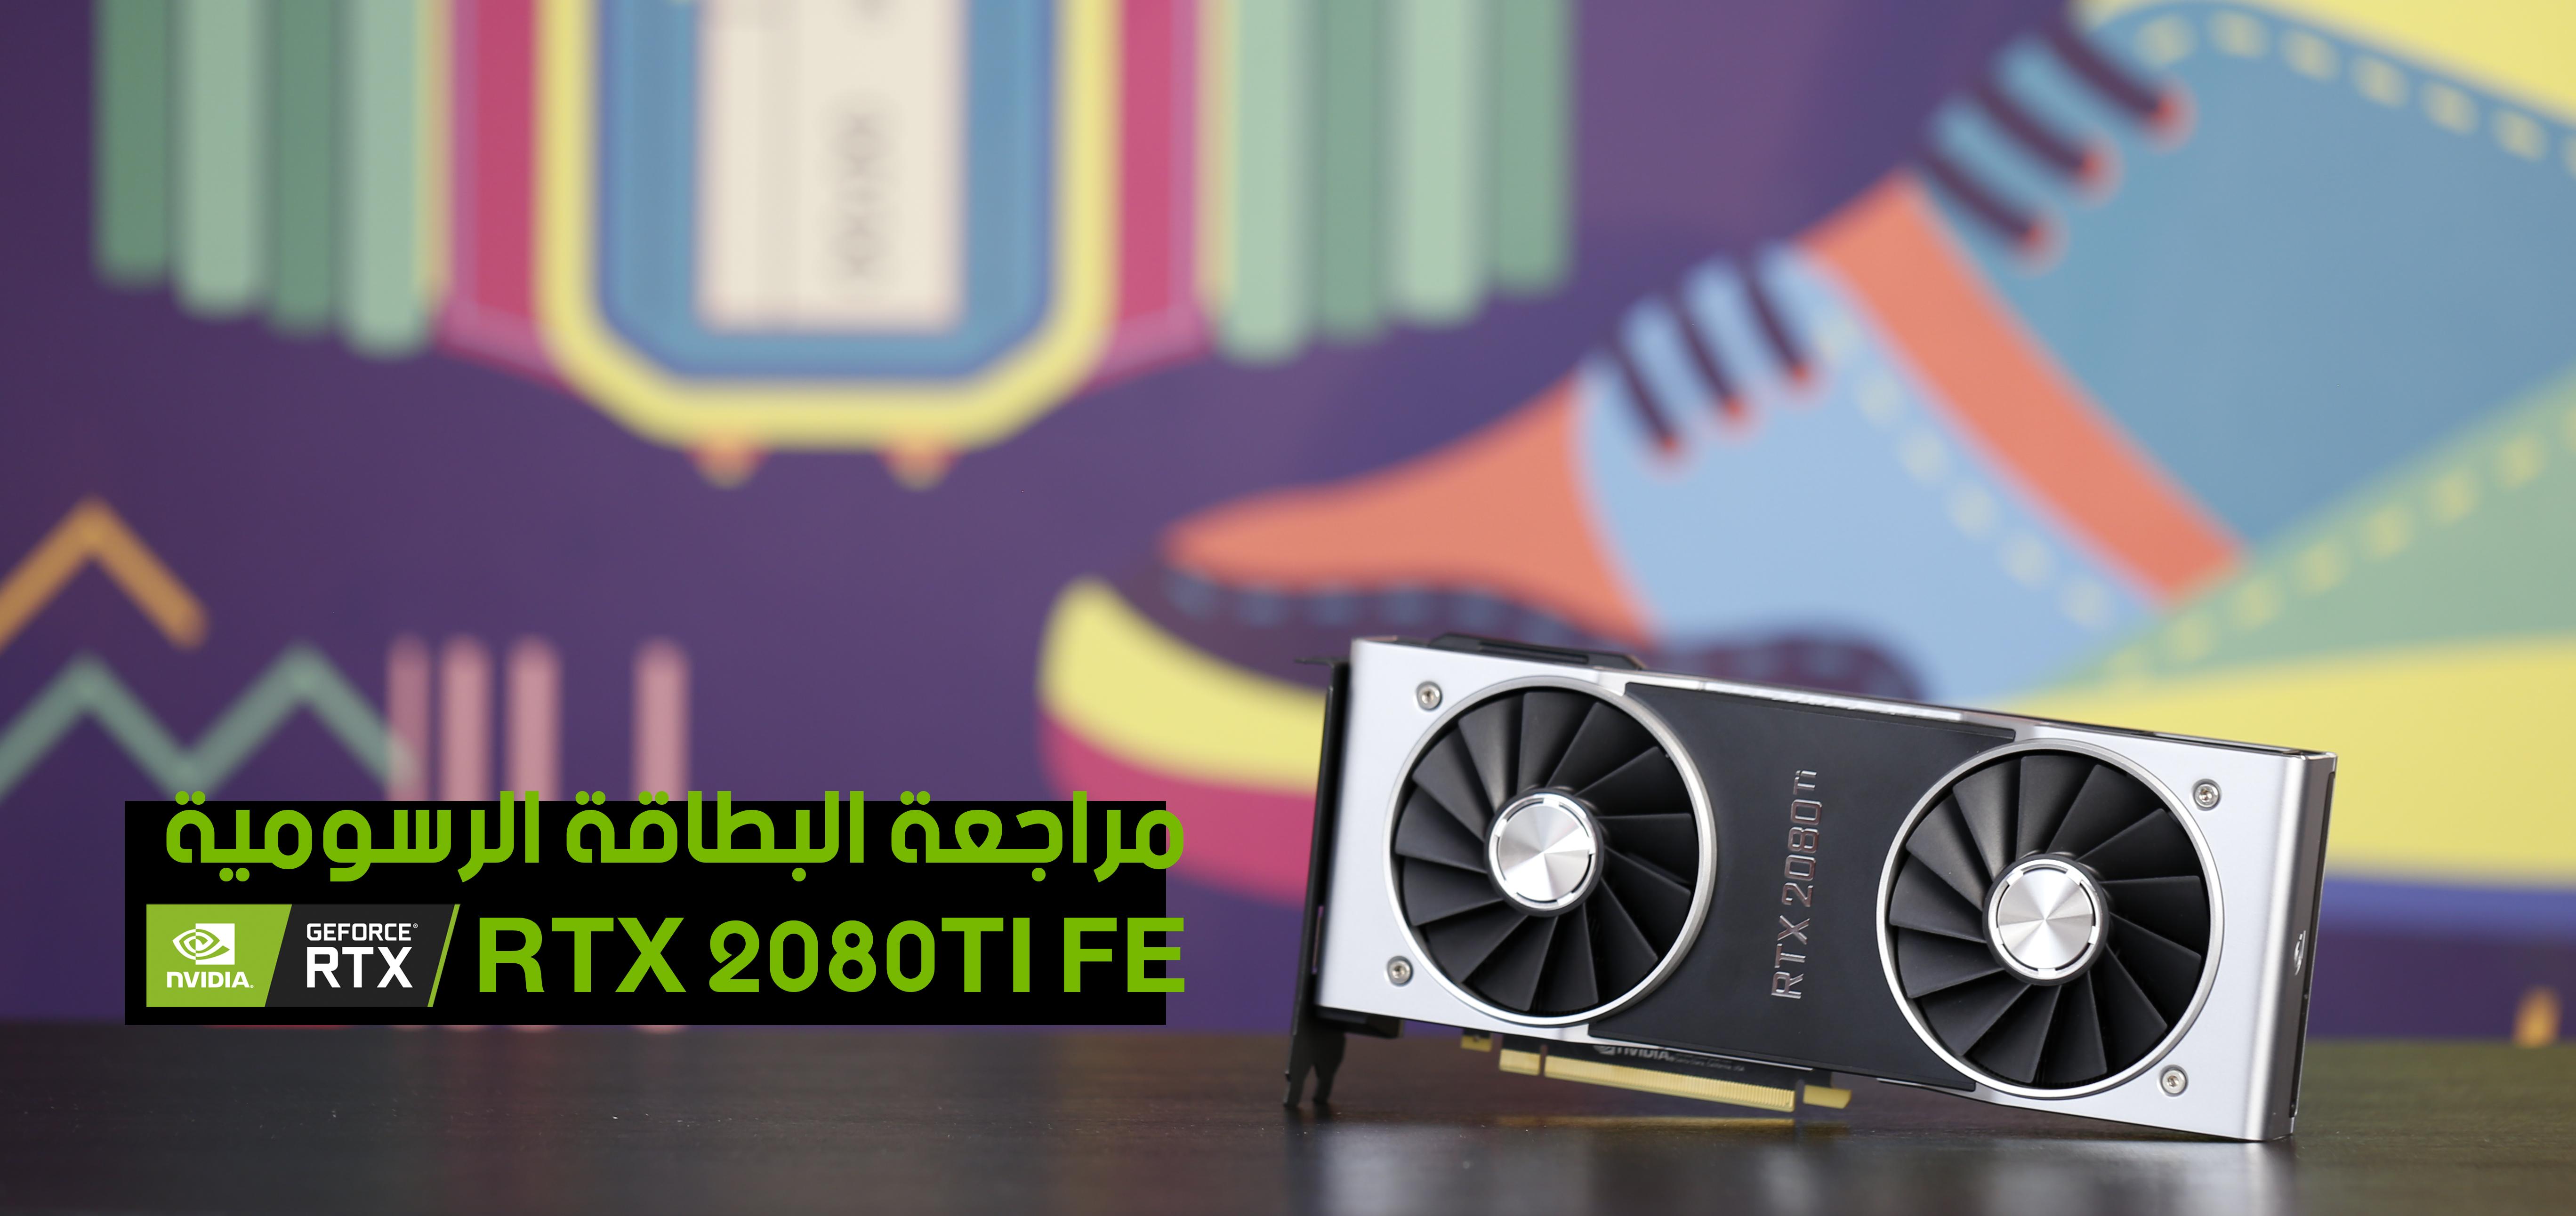 Nvidia RTX 2080 TI FE